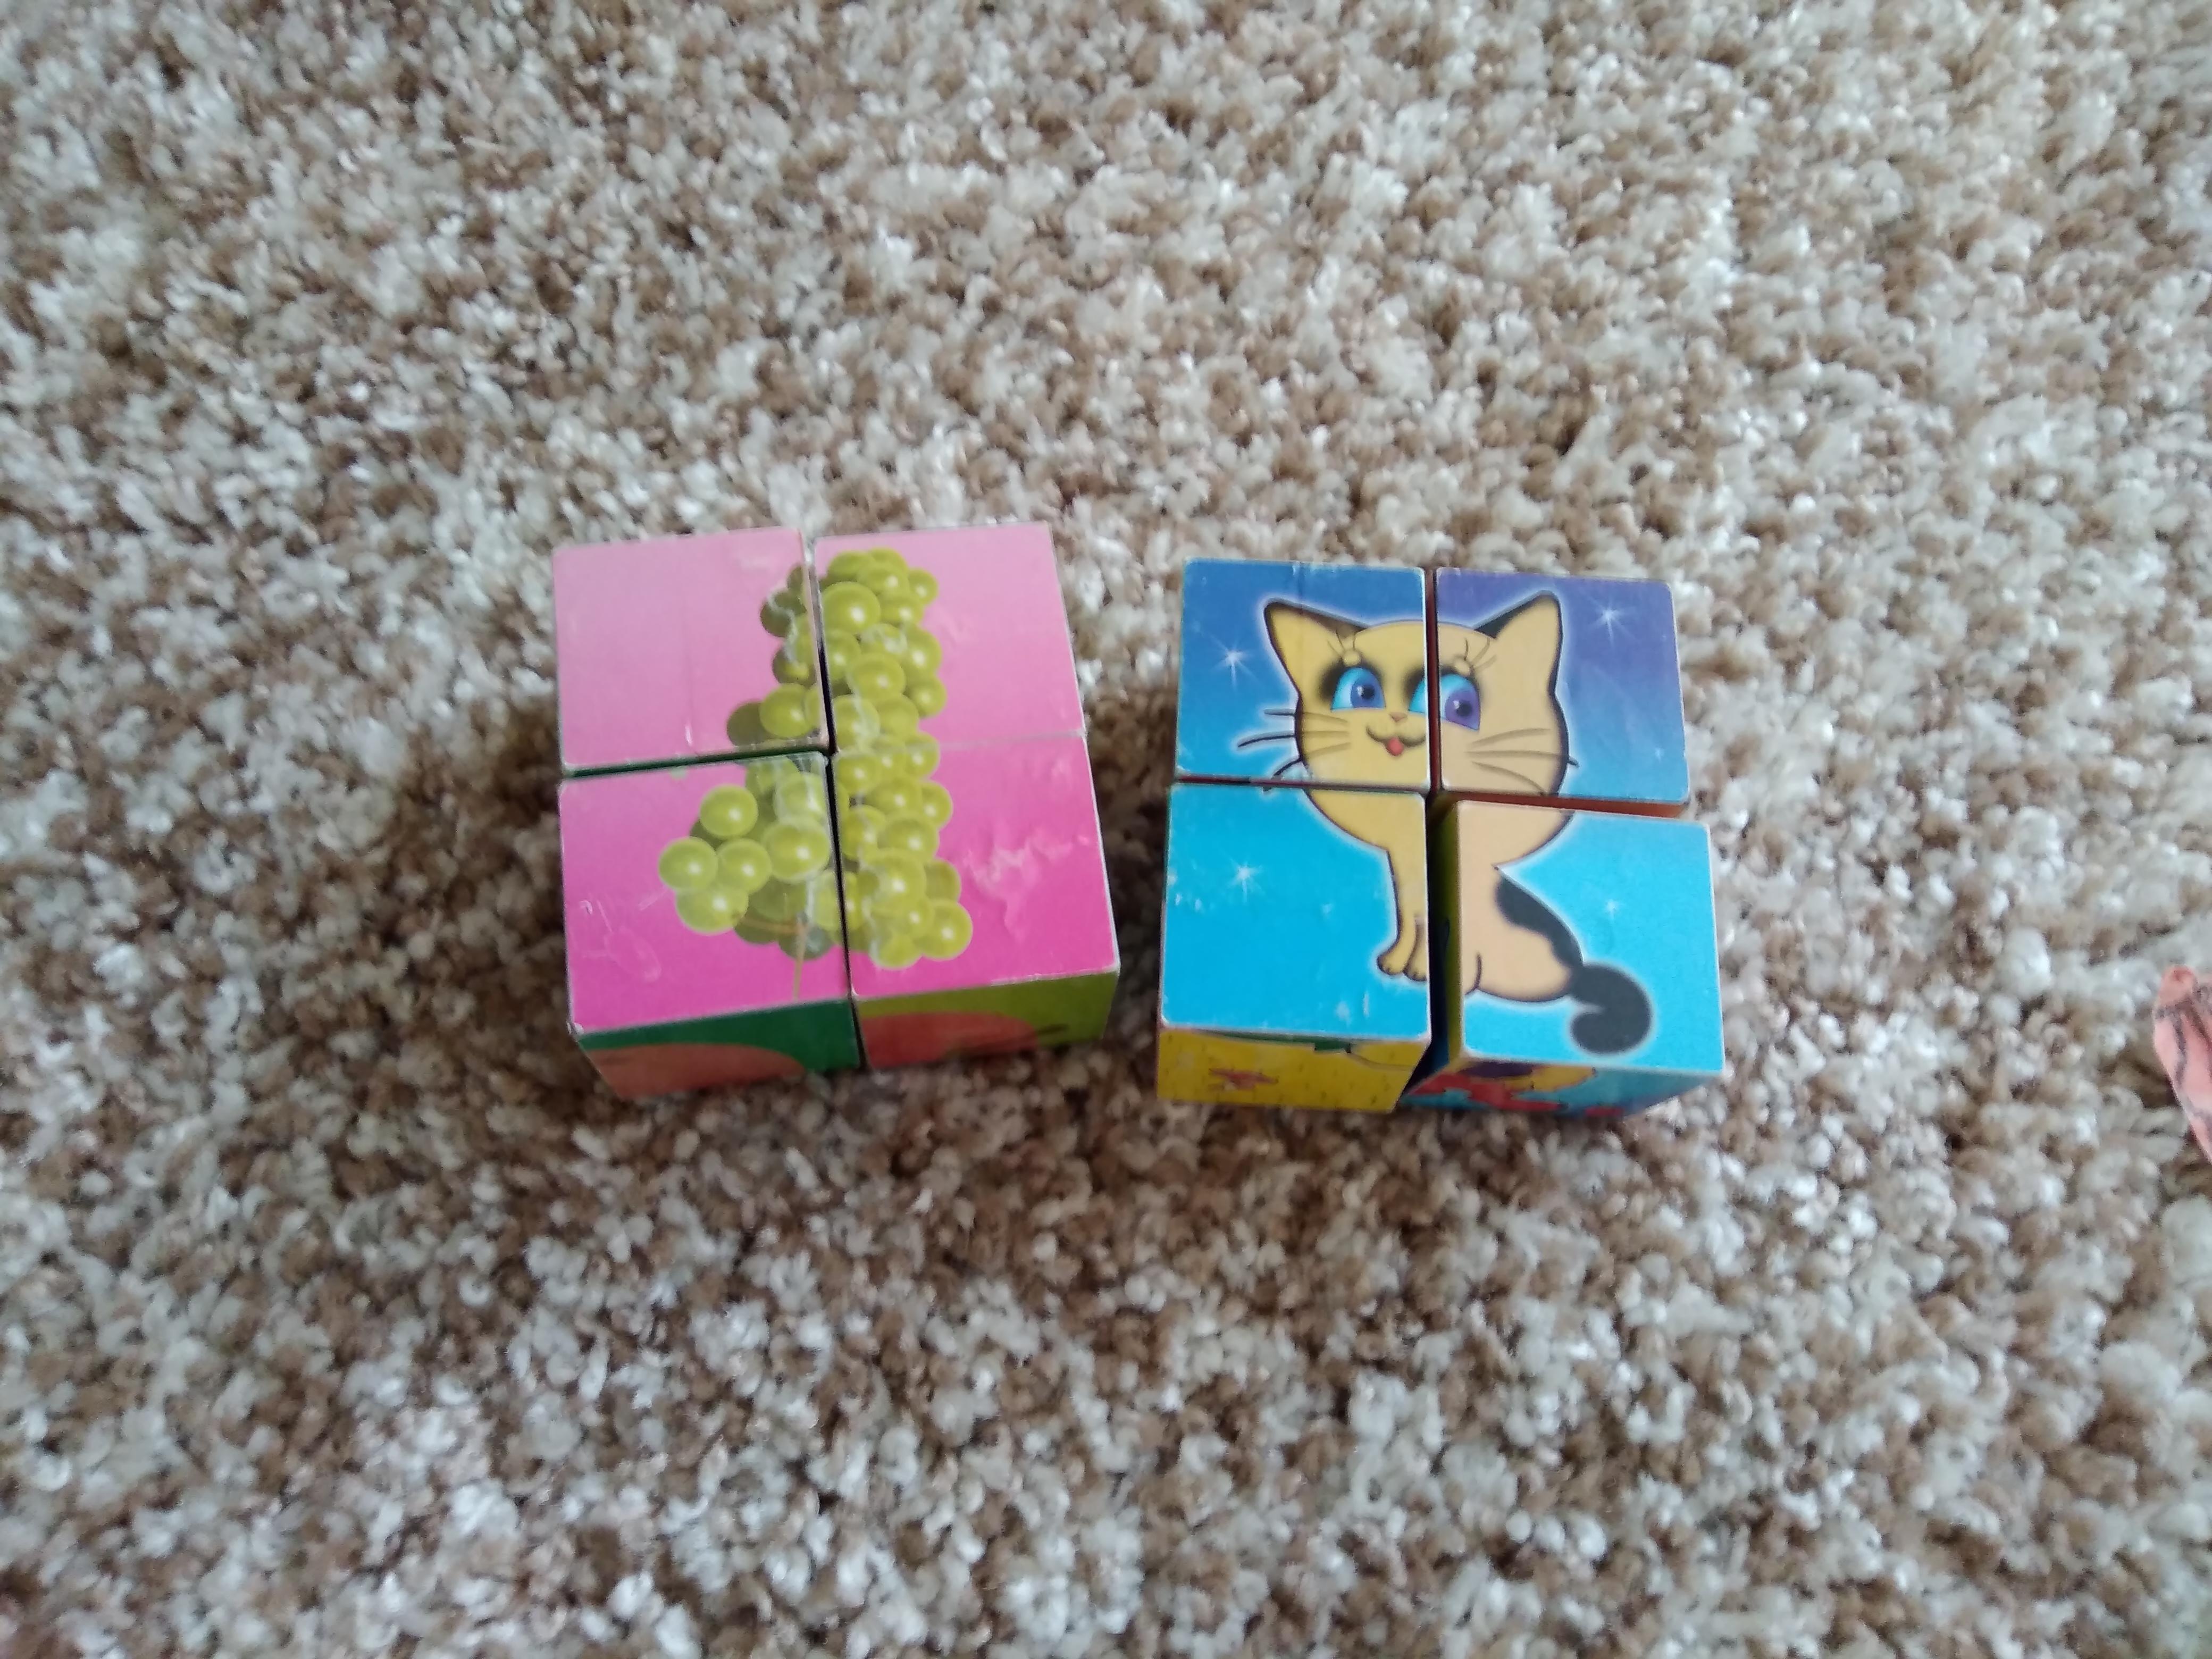 Кубики с картинками